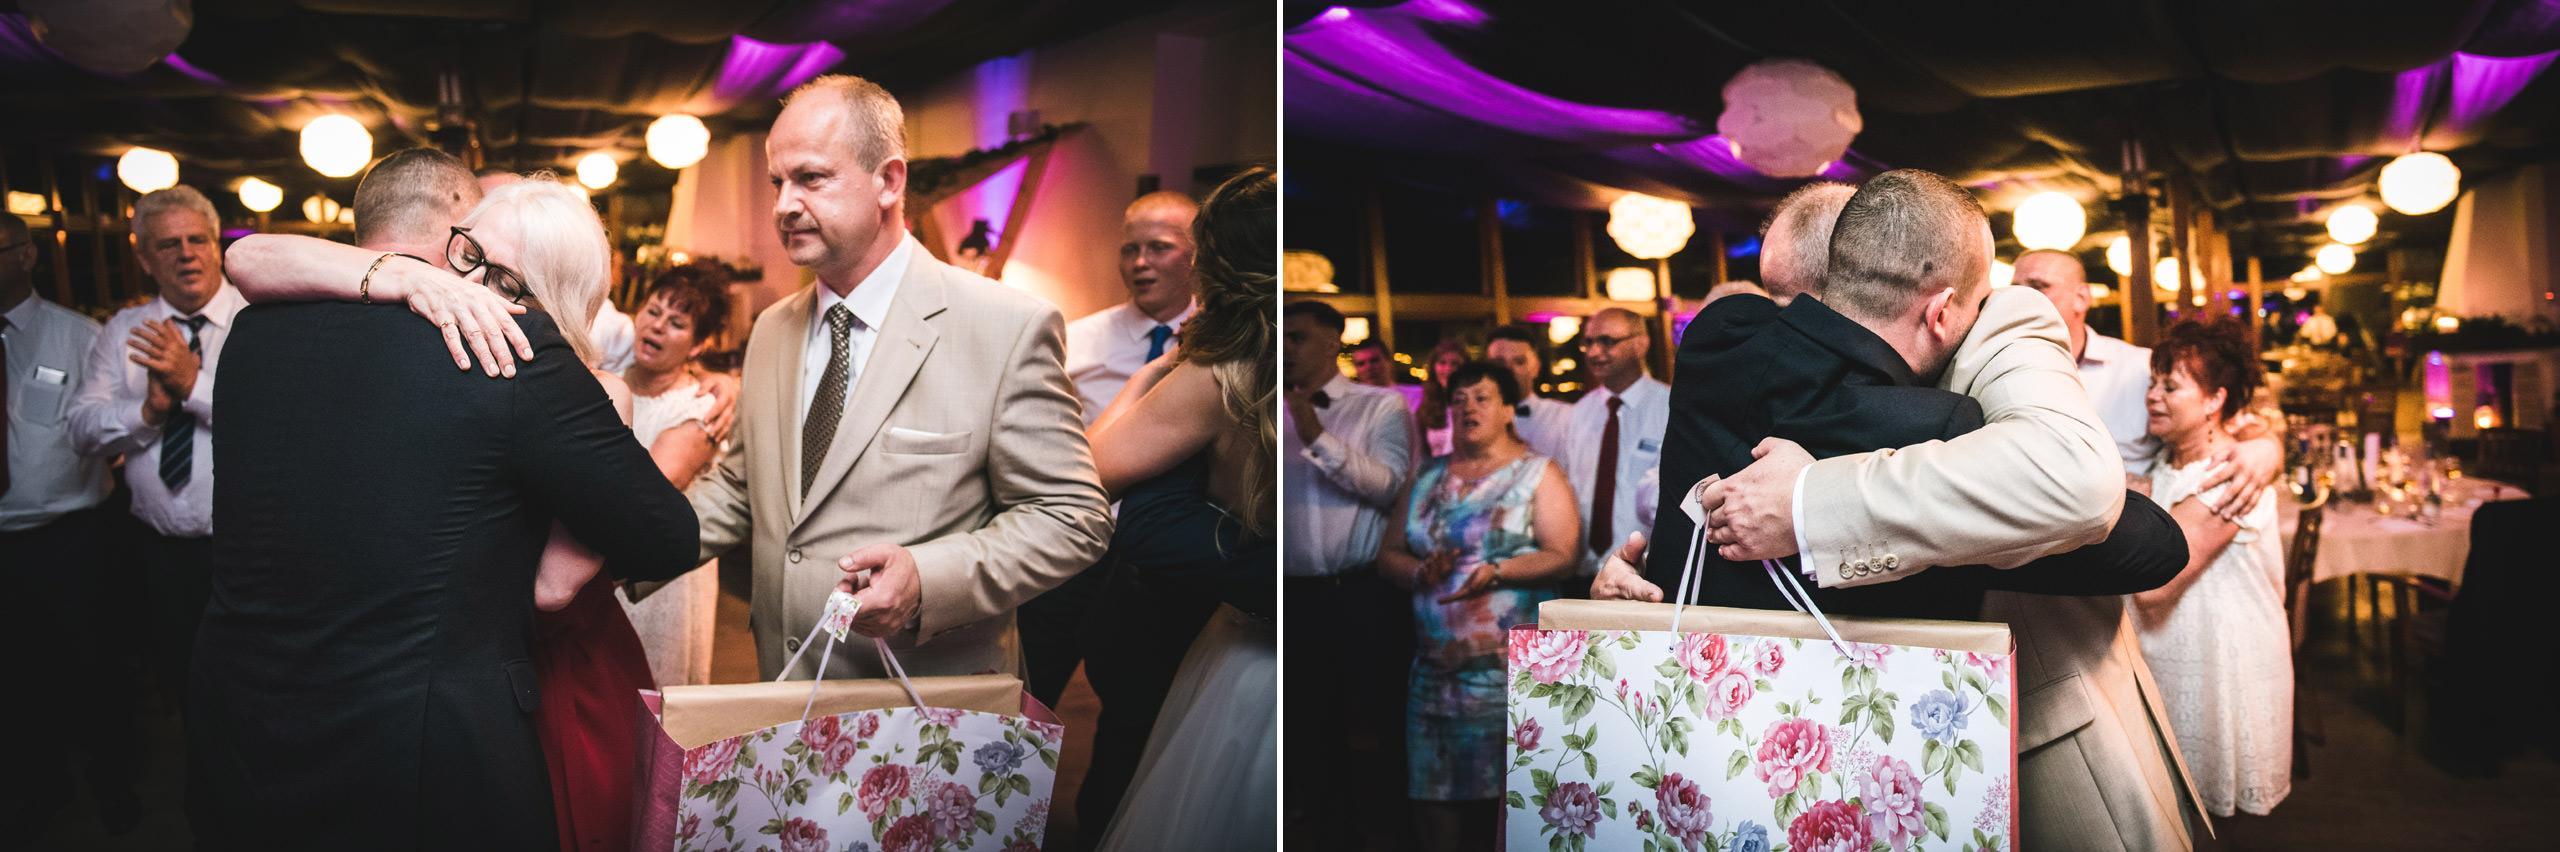 fotograf slubny warszawa 087 zacisze anny korcz wesele